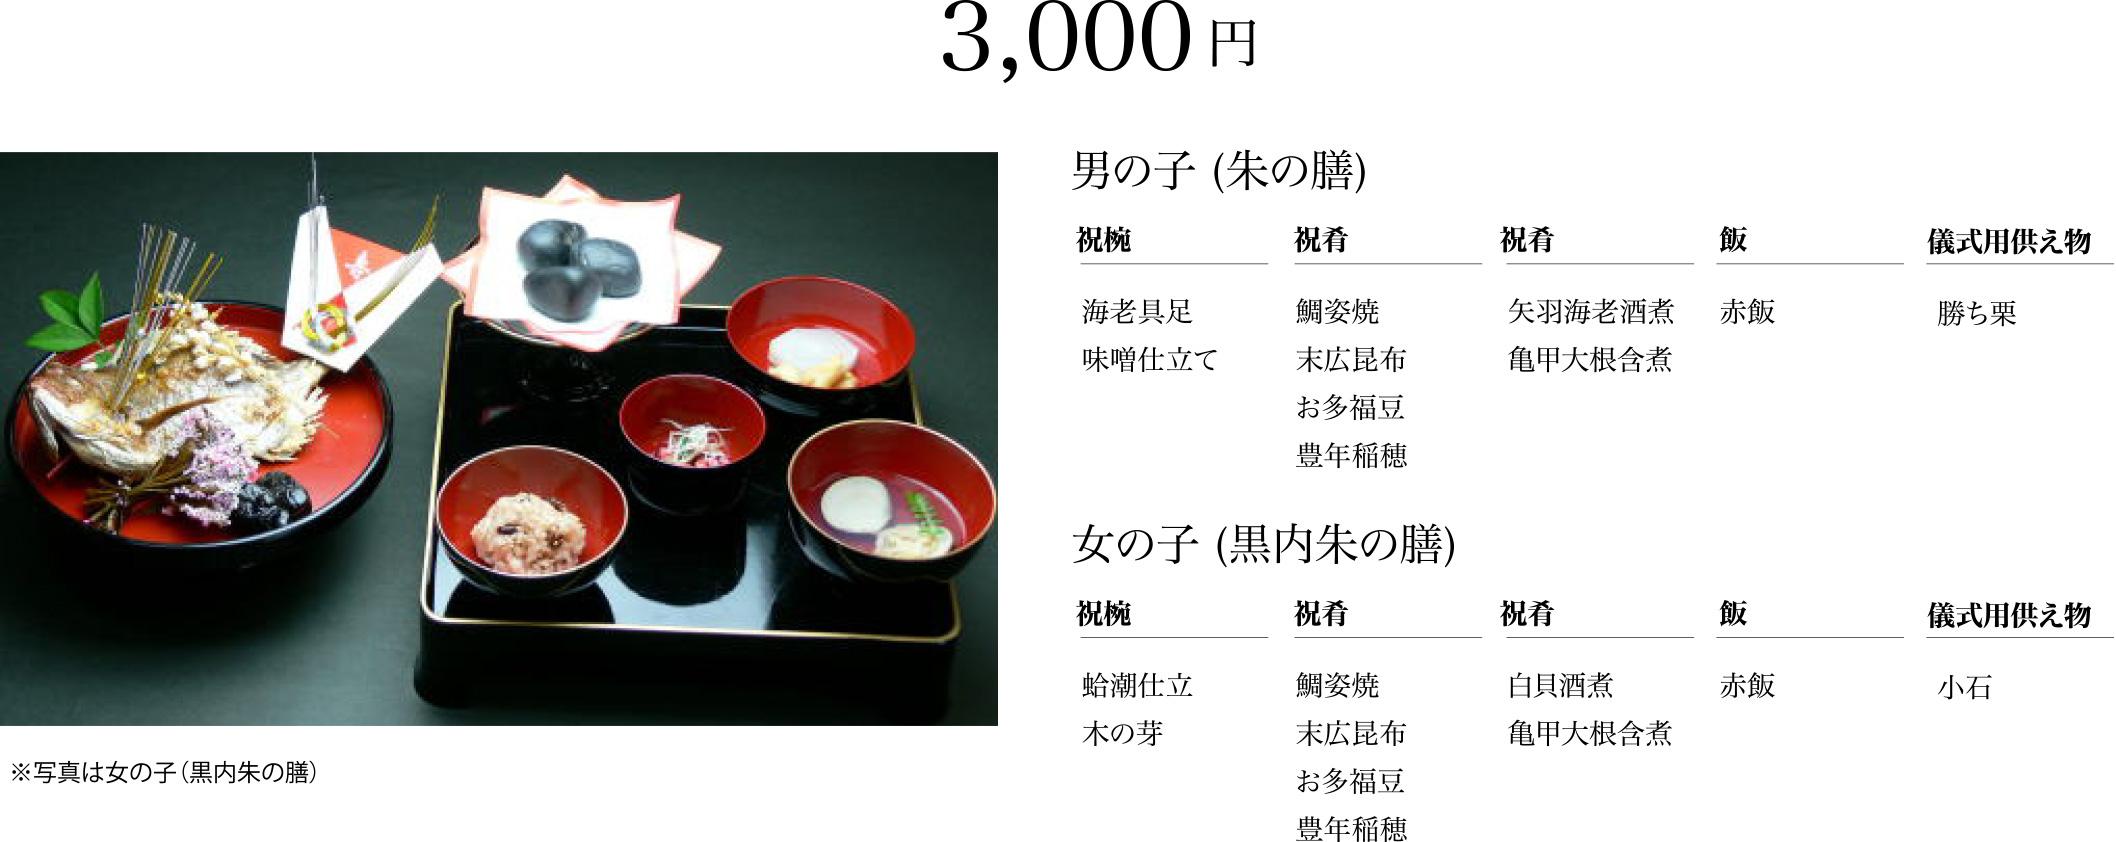 お一人様3,000円